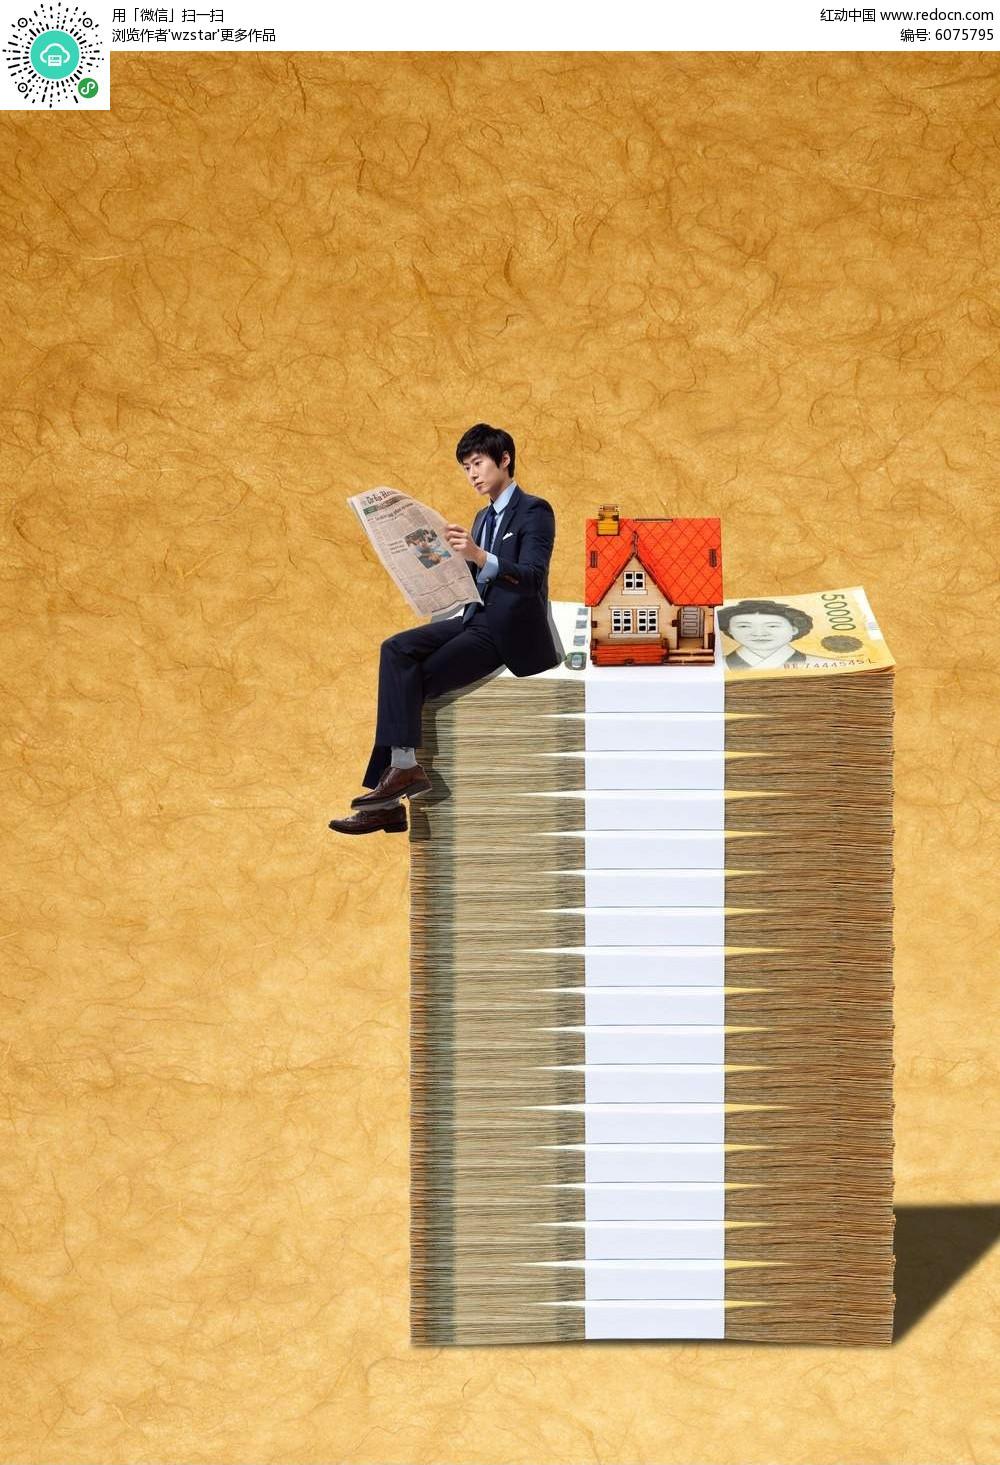 钱堆上的商务人士商务海报背景素材